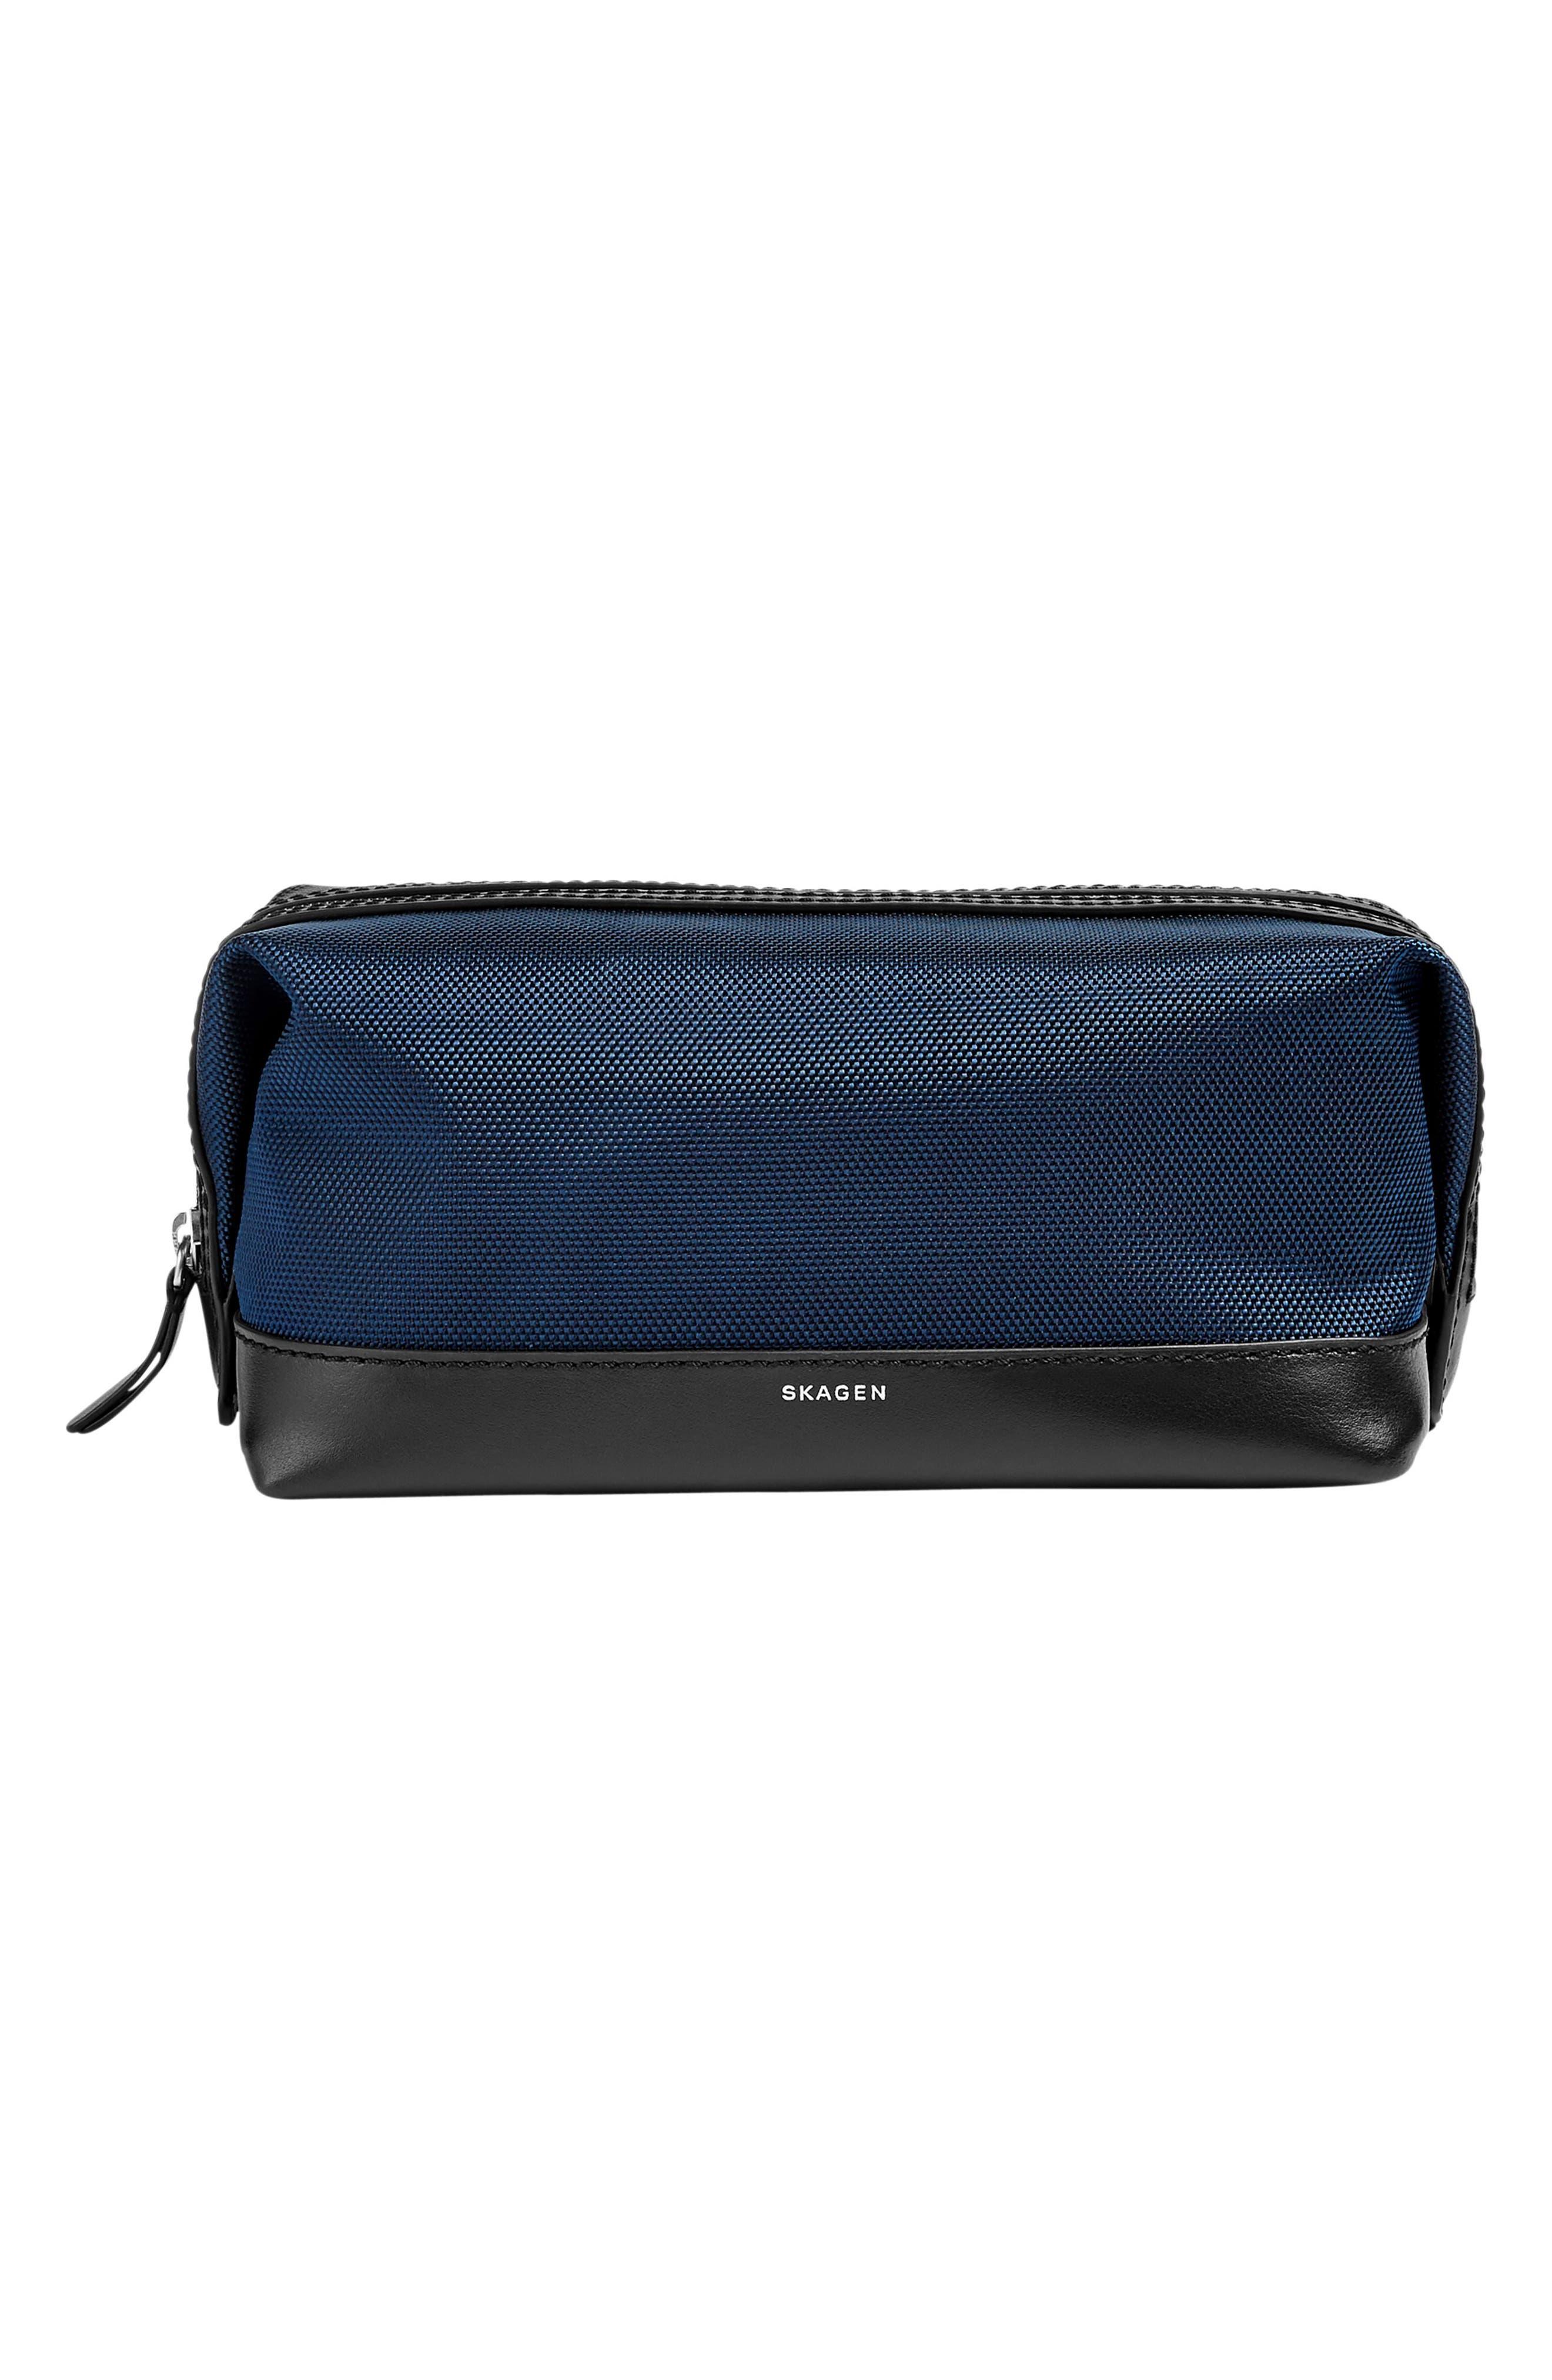 Skagen Travel Kit